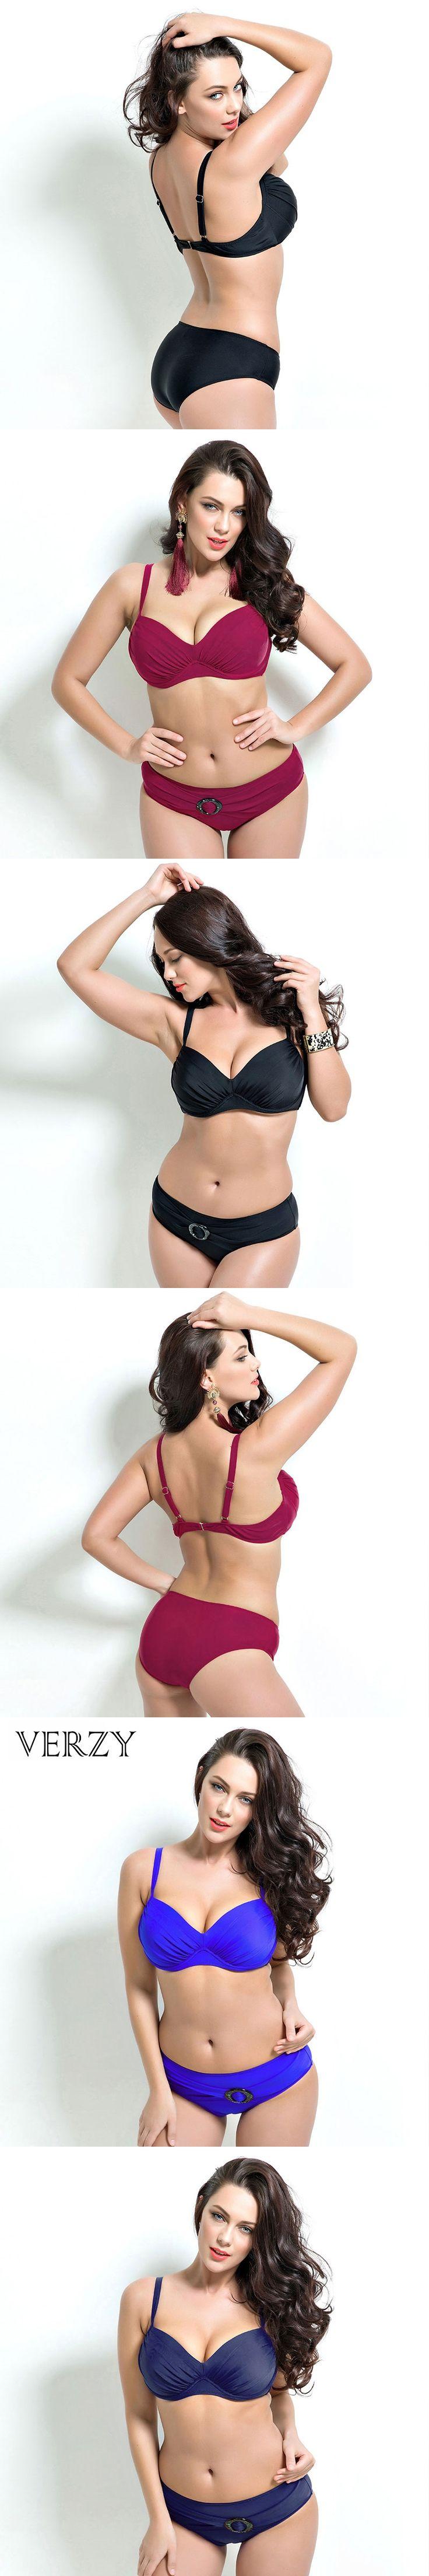 Top quality Blue sexy triangle bikinis women 2017 brazilian bikini set plus size bathing suit push up swimming suit for women